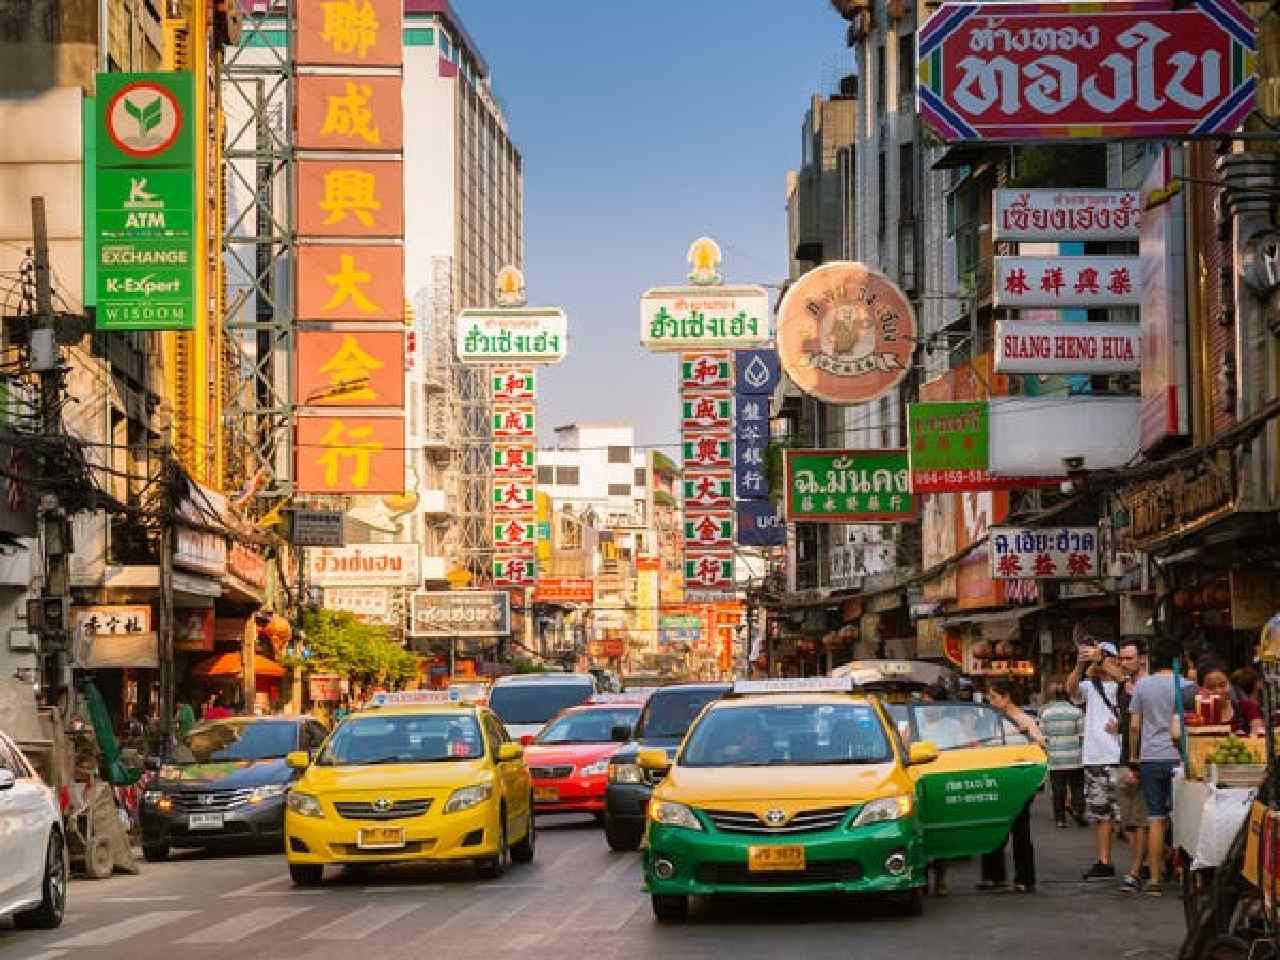 タイ海外旅行のアイキャッチ